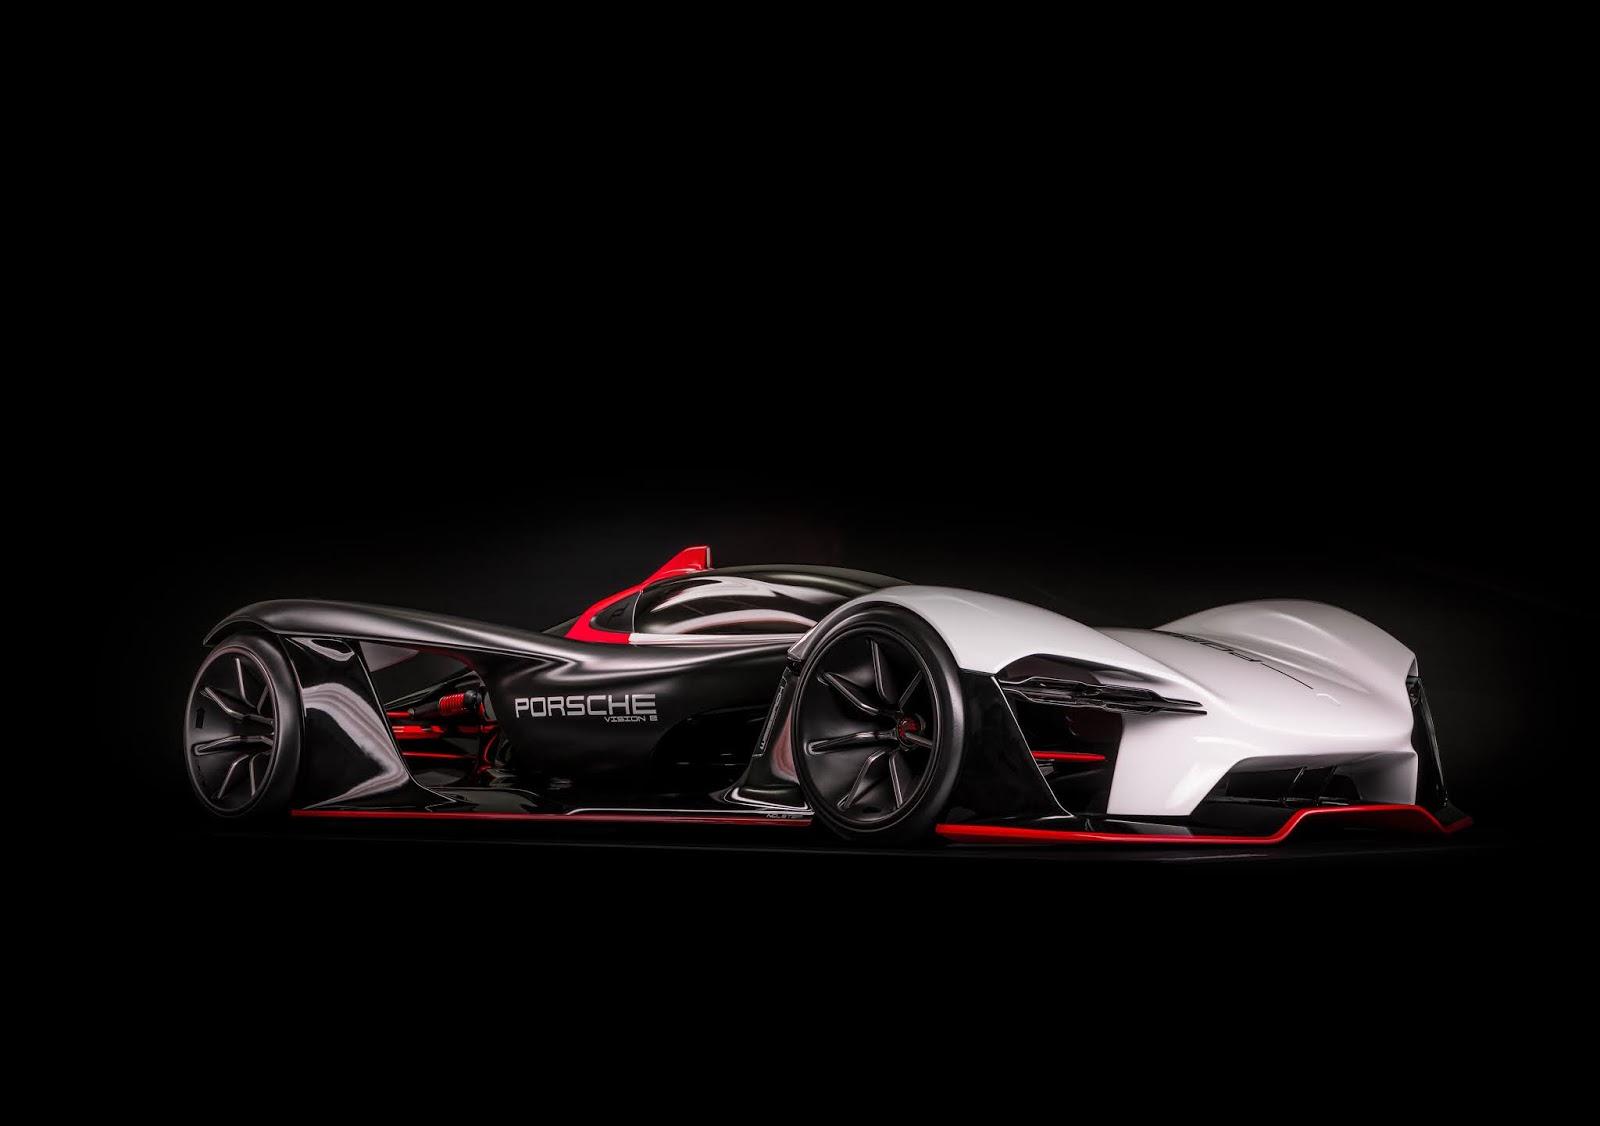 Capture0009 2 Τα άγνωστα Hypercars της Porsche hypercar, Porsche, Porsche Unseen, Sunday, supercar, supercars, zblog, ειδήσεις